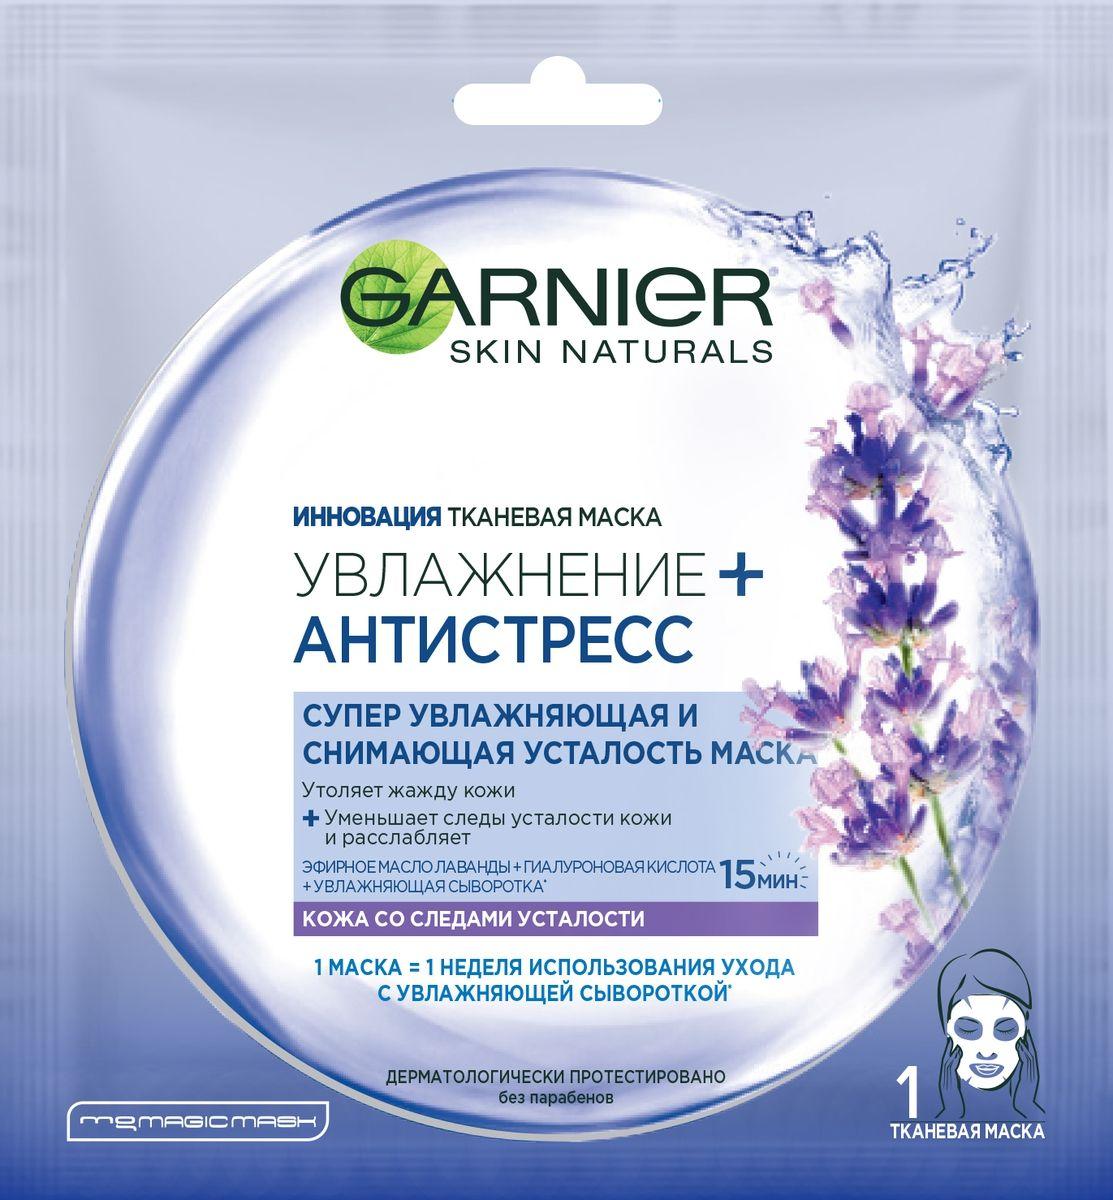 Garnier Тканевая маска Увлажнение + Антистресс, снимающая усталость, для кожи со следами усталости, 32 грC5852600Инновационная тканевая маска пропитана гелем, обогащенным эфирным маслом лаванды, гиалуроновой кислотой и увлажняющей сывороткой. Нанесенная на лицо, маска действует как компресс, уменьшающий следы усталости и увлажняющий глубокие слои кожи. Тканевая маска мгновенно увлажняет Вашу кожу и дарит ощущение комфорта, как после массажа. Это настоящий момент заботы о себе и своей коже и возможность насладиться тонким ароматом лаванды. Подходит для всех типов кожи, даже чувствительной. 1 маска = 1 неделя использования ухода увлажняющей сывороткой.